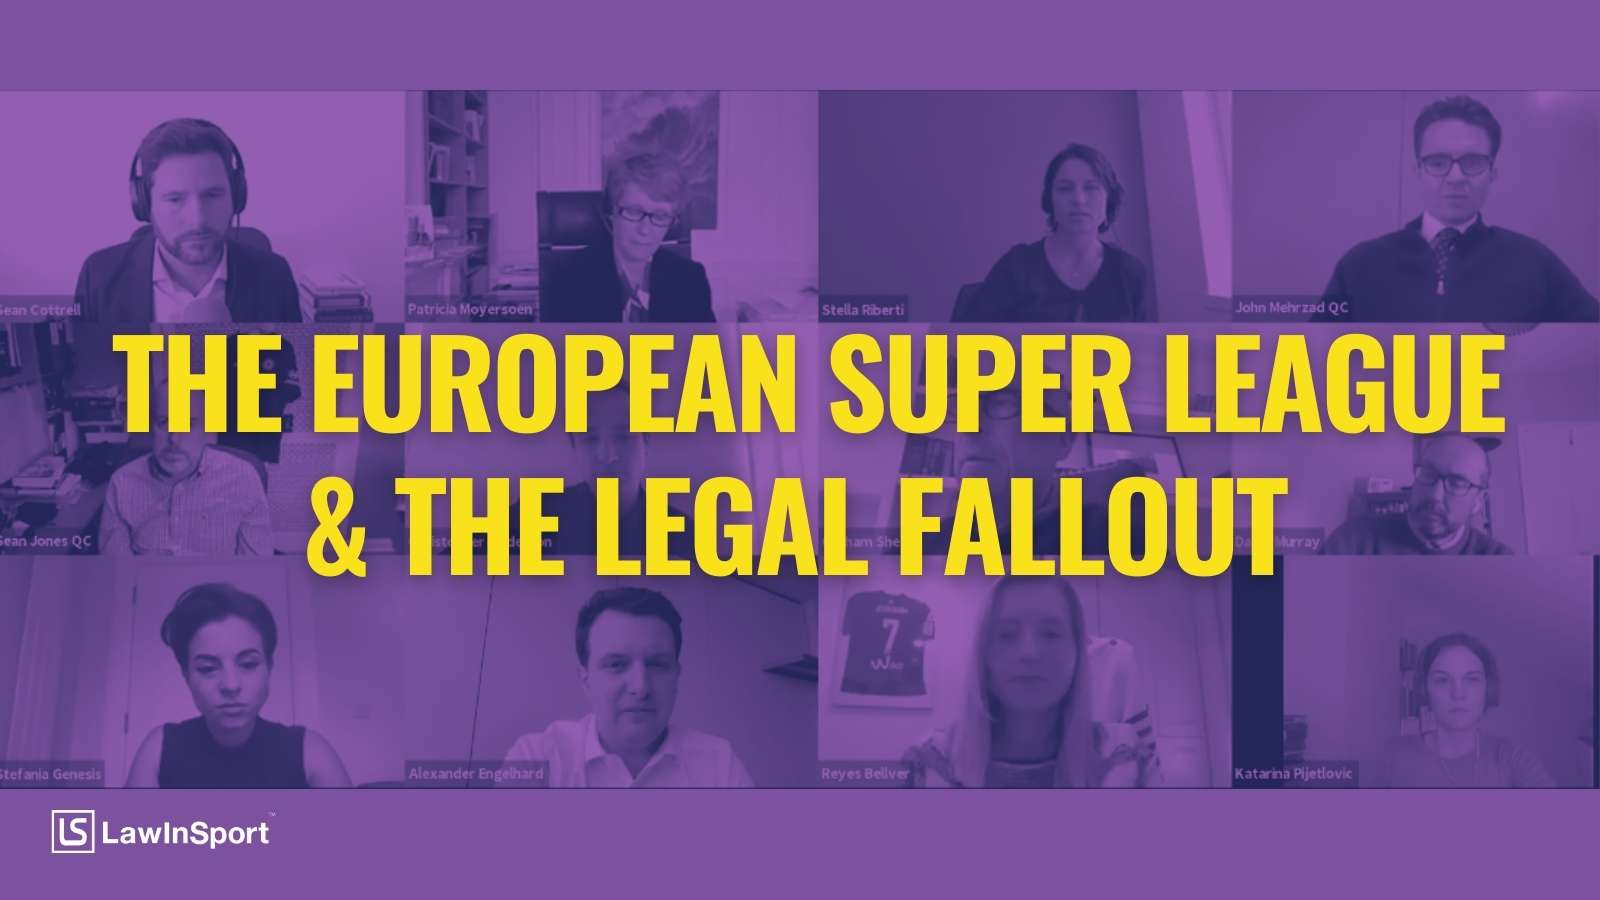 The European Super League & the legal fallout - experts' views